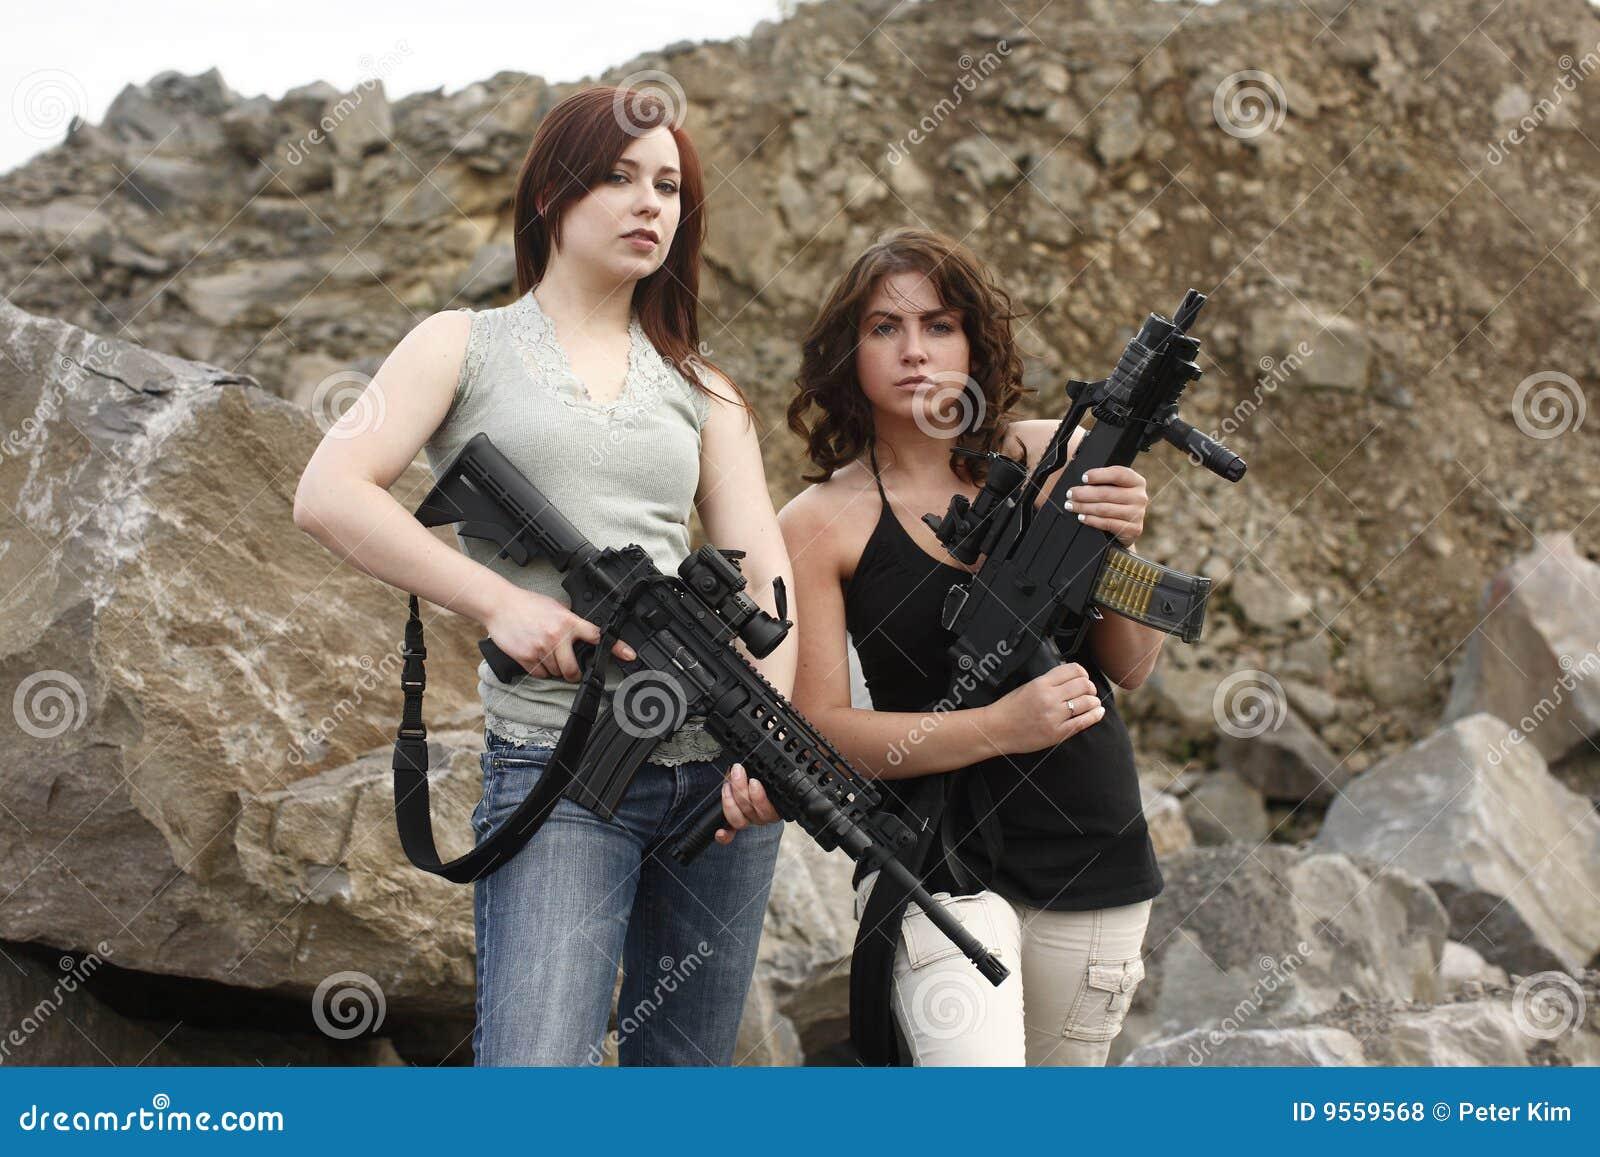 detodounpoco.achl - Página 3 Women-holding-guns-9559568